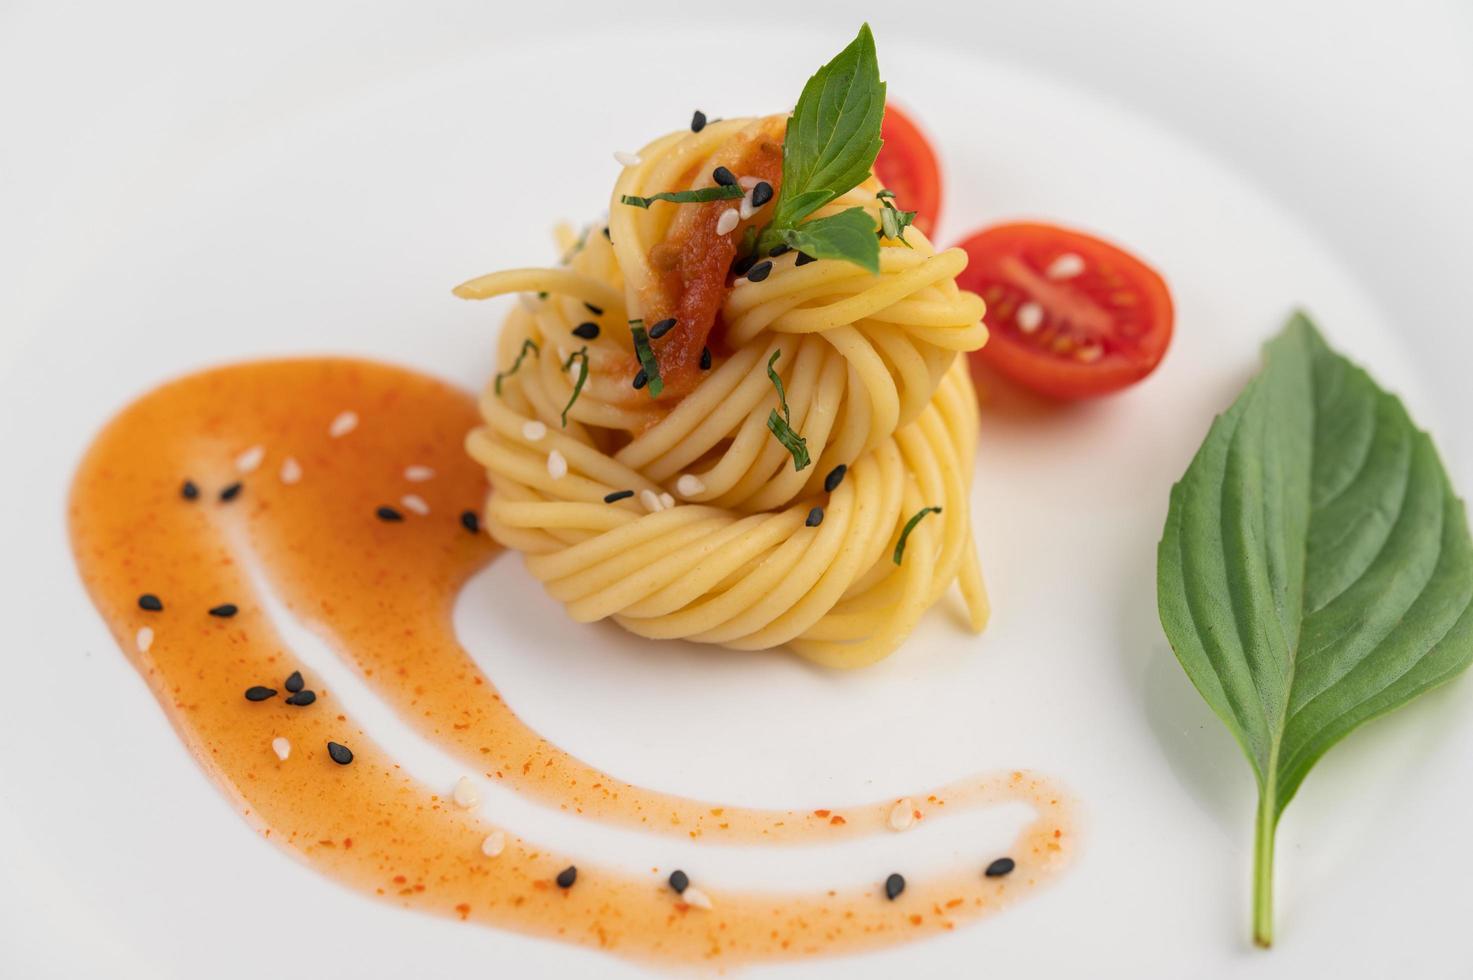 espaguetis gourmet bellamente dispuestos en un plato blanco foto